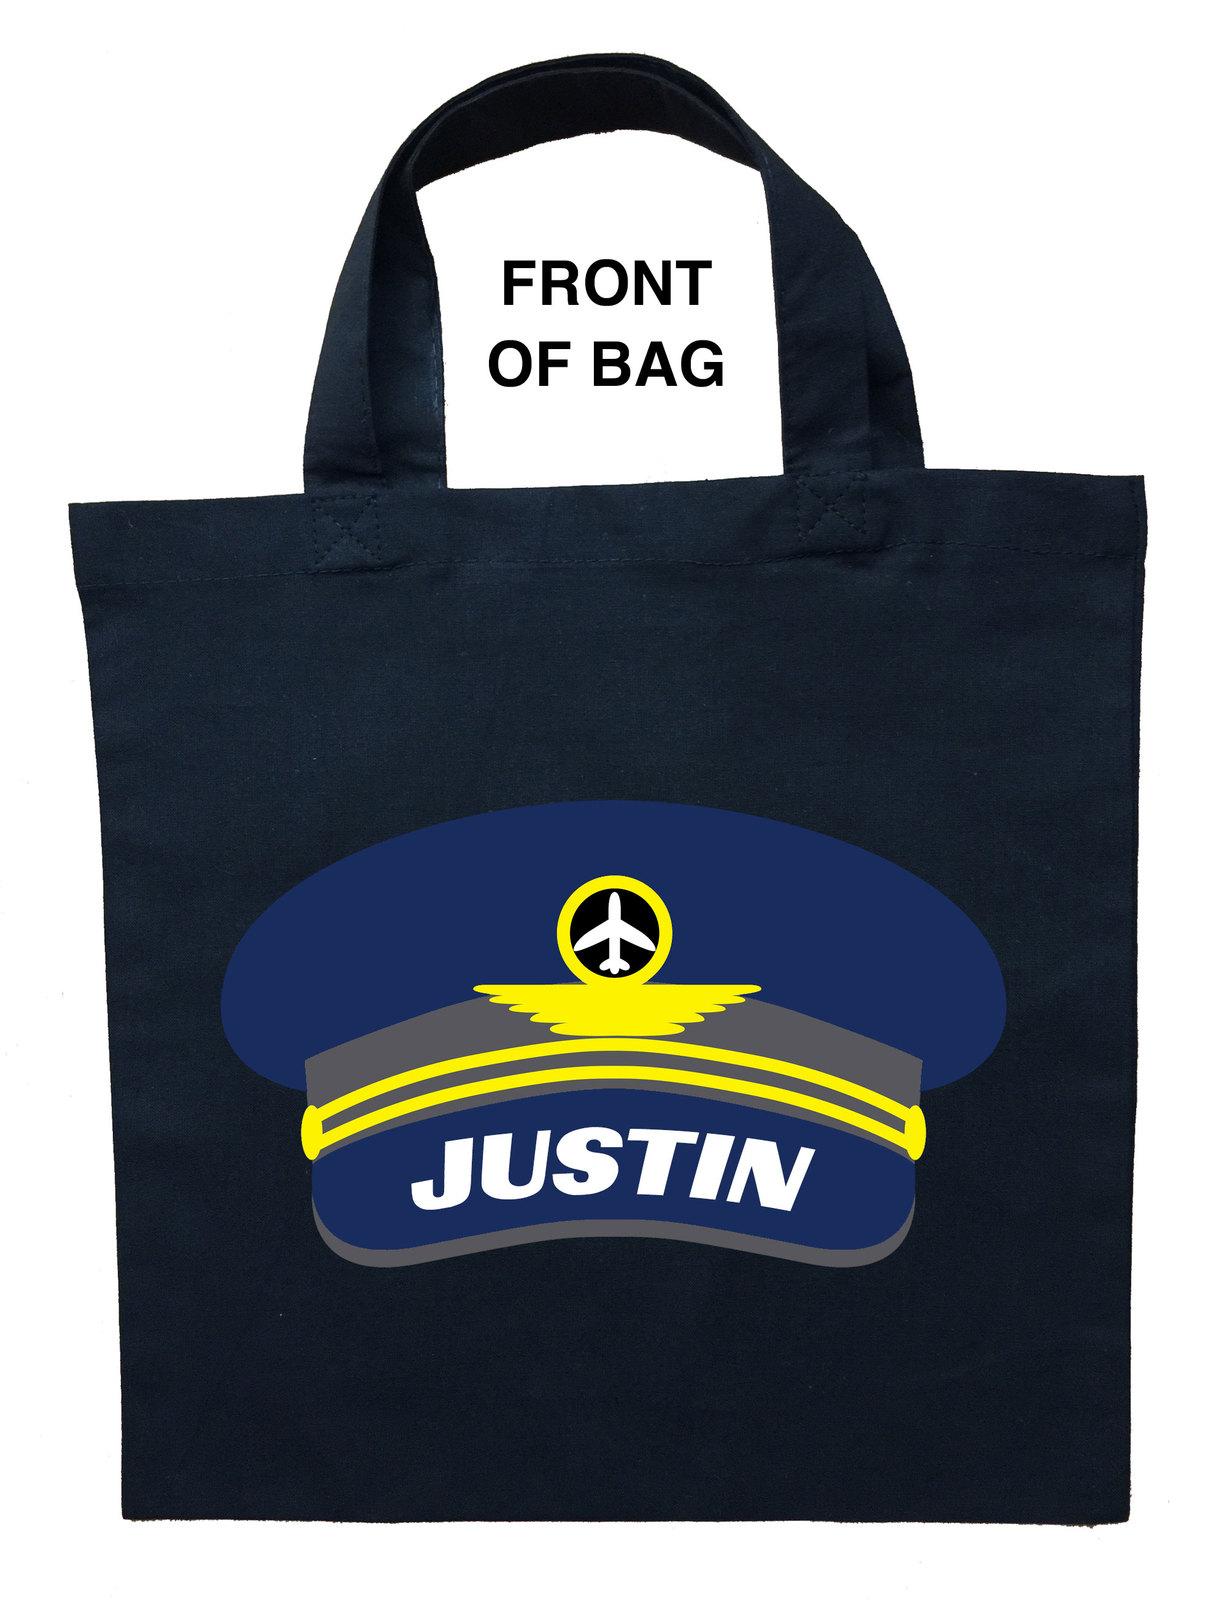 Pilotbagfront